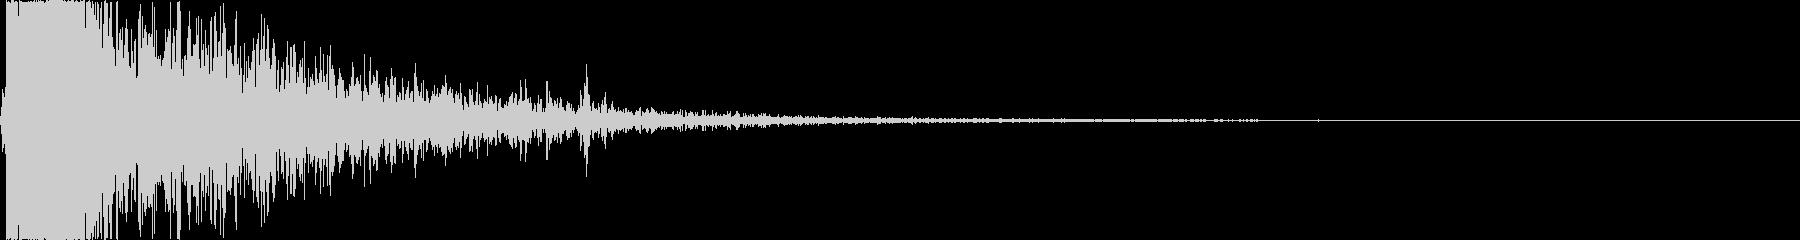 【銃】 10 フレアガン バーンッの未再生の波形